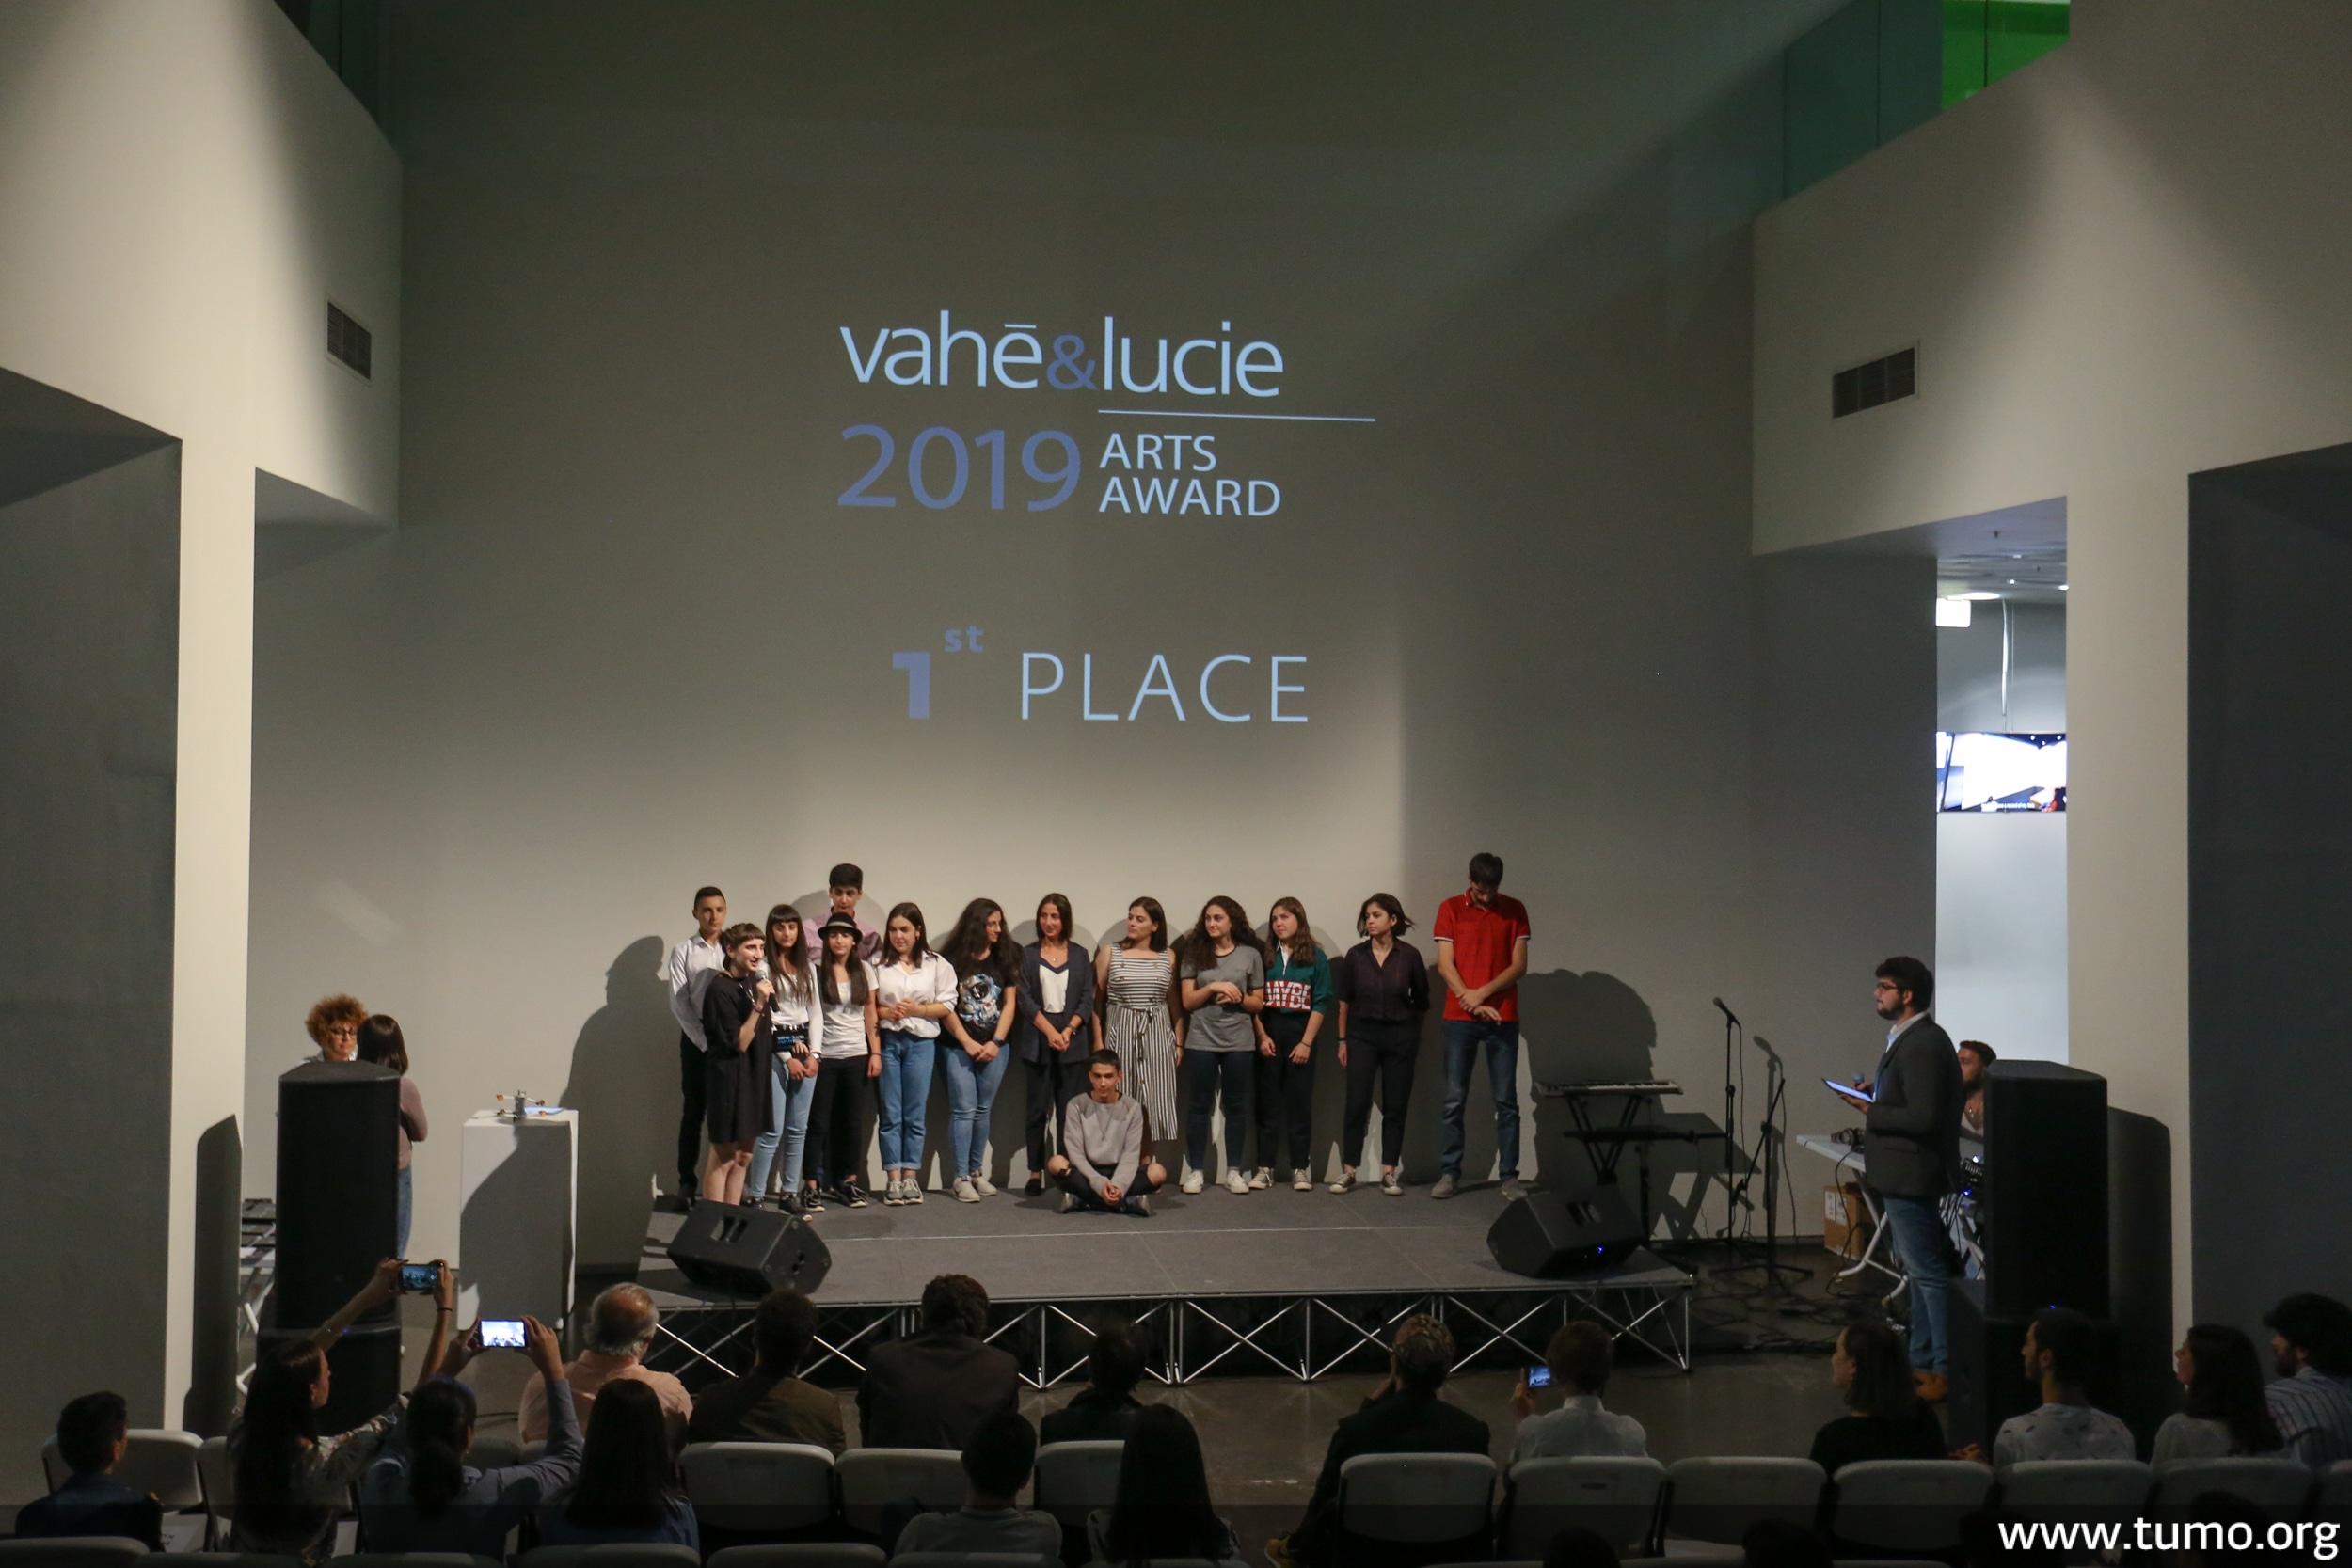 IMG 8709 1 - Վահէ և Լյուսի 2019 մրցանակաբաշխությունը կայացավ